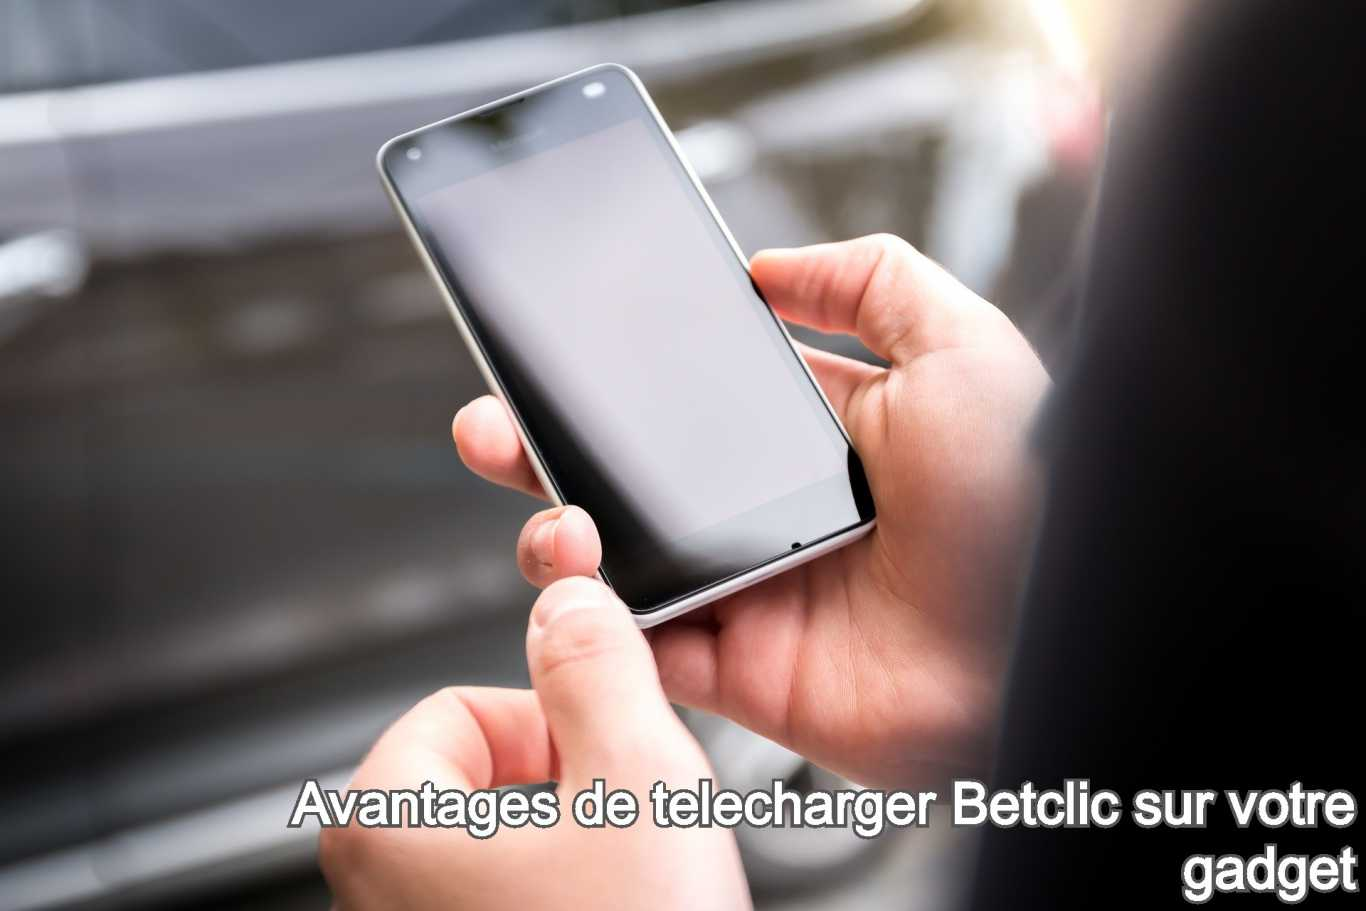 Avantages de telecharger Betclic sur votre gadget